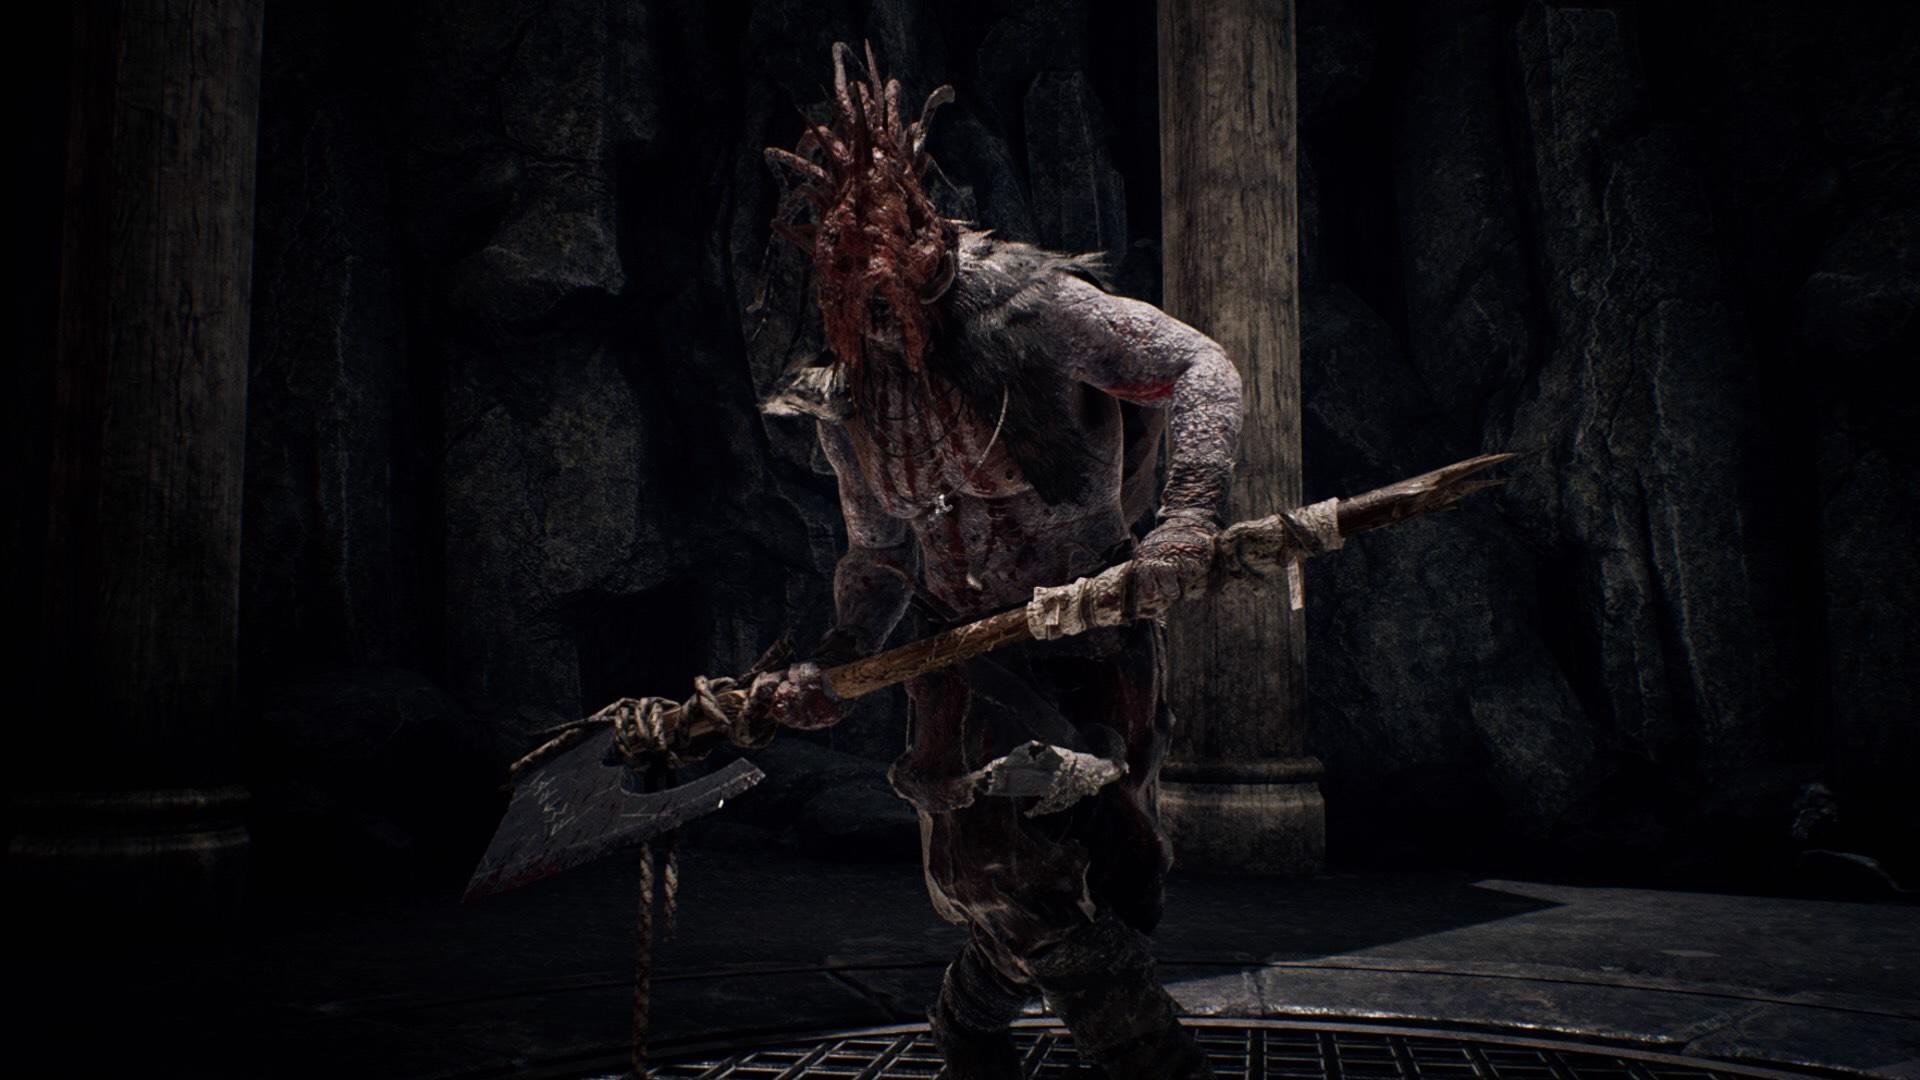 Hellblade: نصائح مكافحة التضحية لـ Senua واستراتيجيات Boss 7